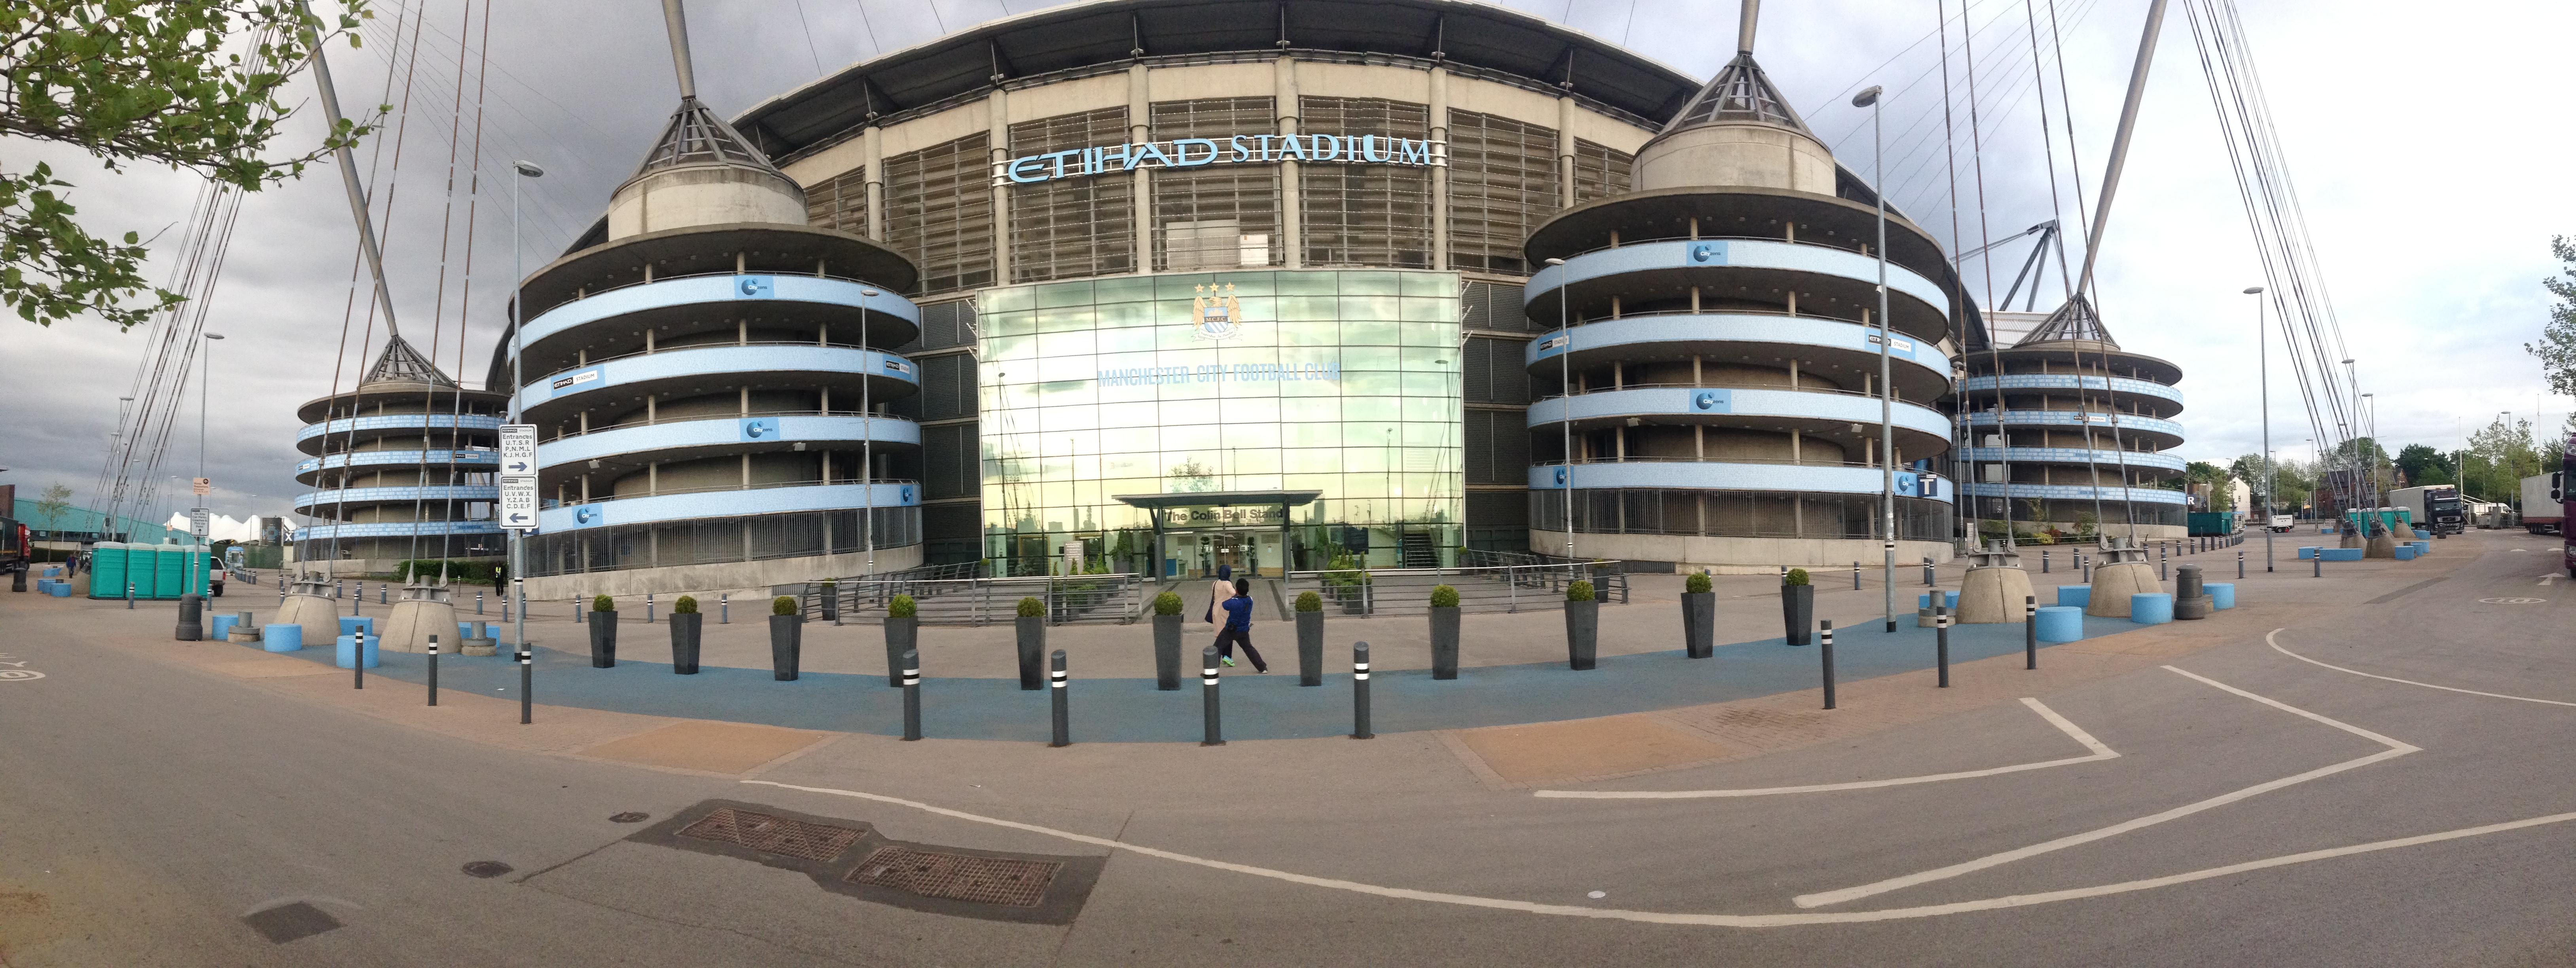 Estadio Etihad Campus, Manchester   Mi blog de aventuras   2016